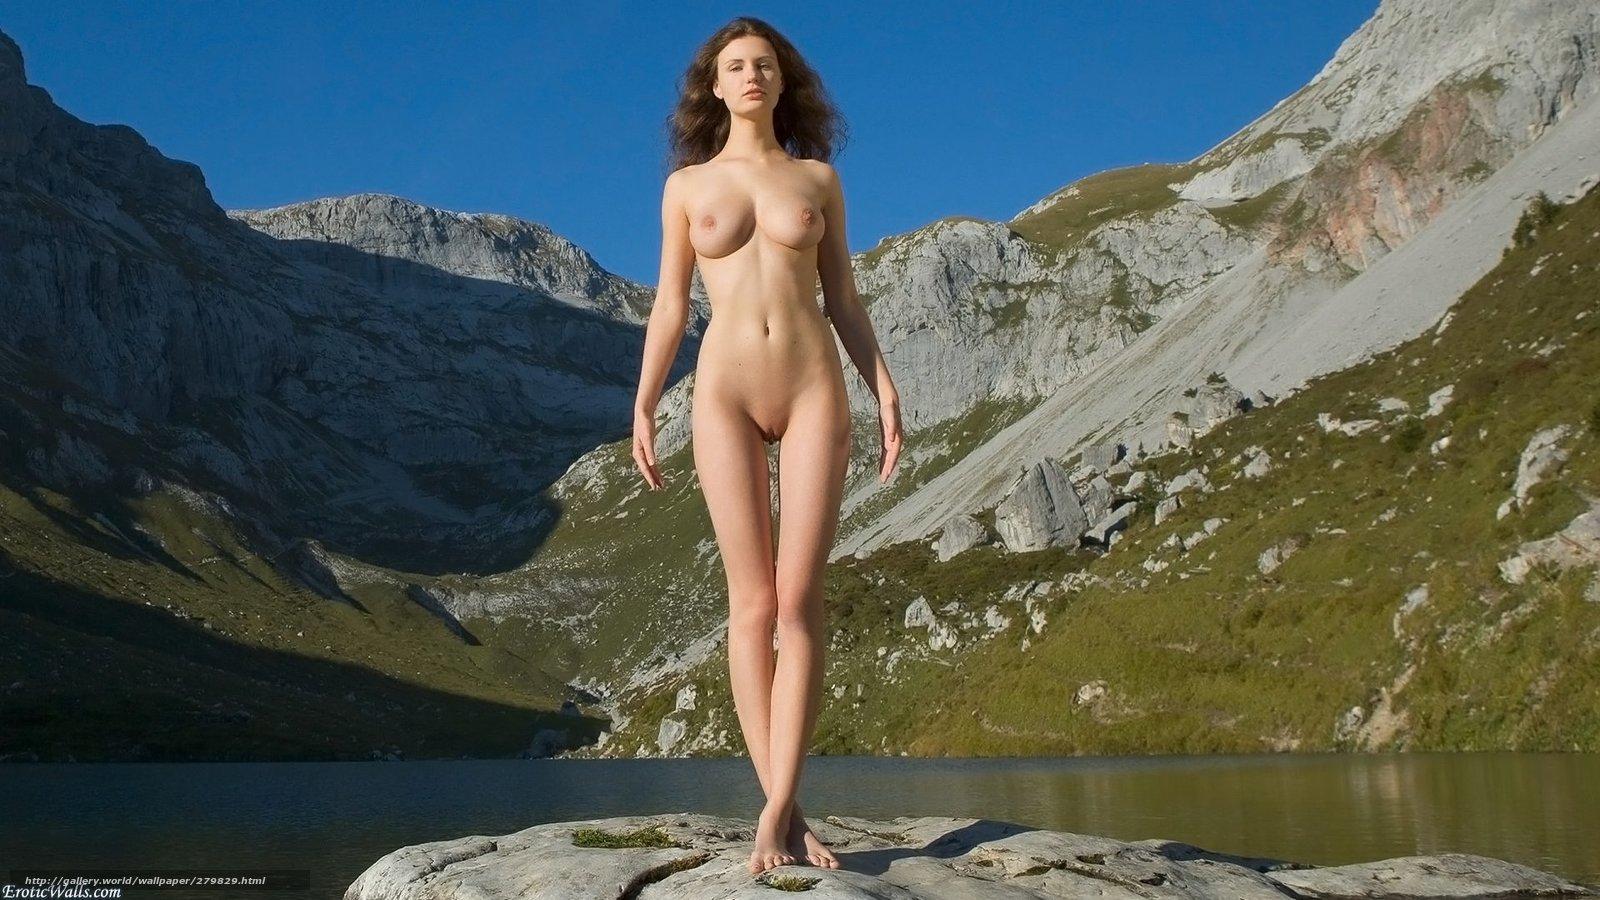 Full nude wallpaper 3d porno photo